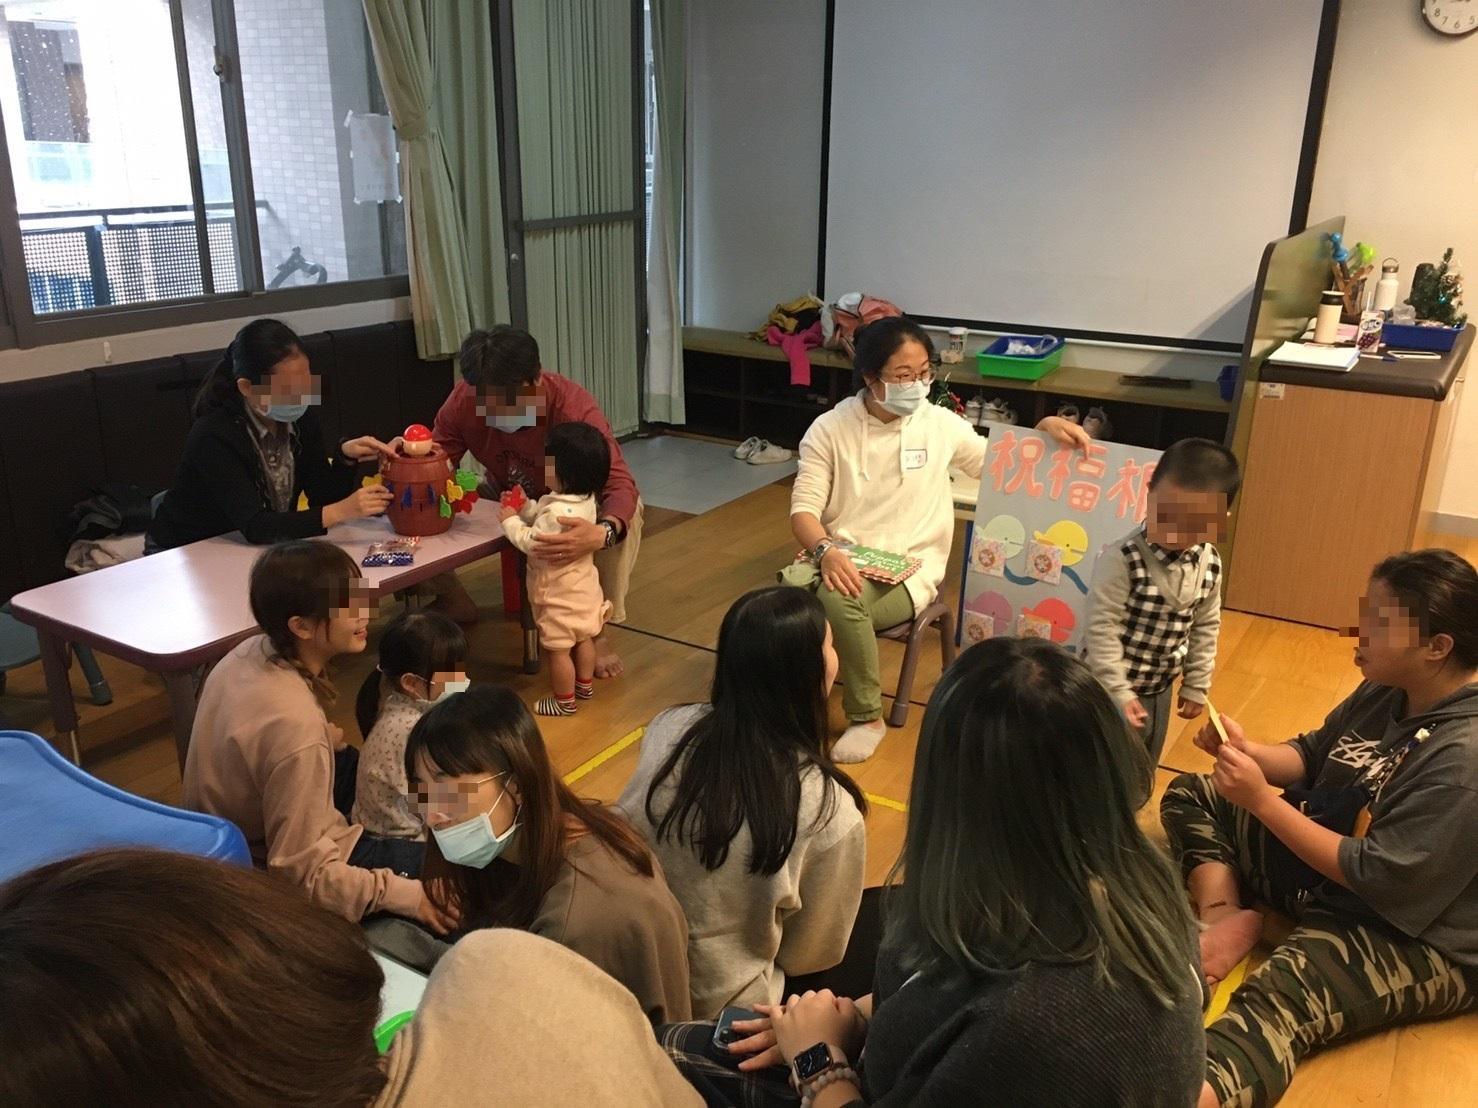 06黃佩櫻校友投入早療當臨床心理師,具有熱情與專業,為臺灣早療領域貢獻心力。.jpg